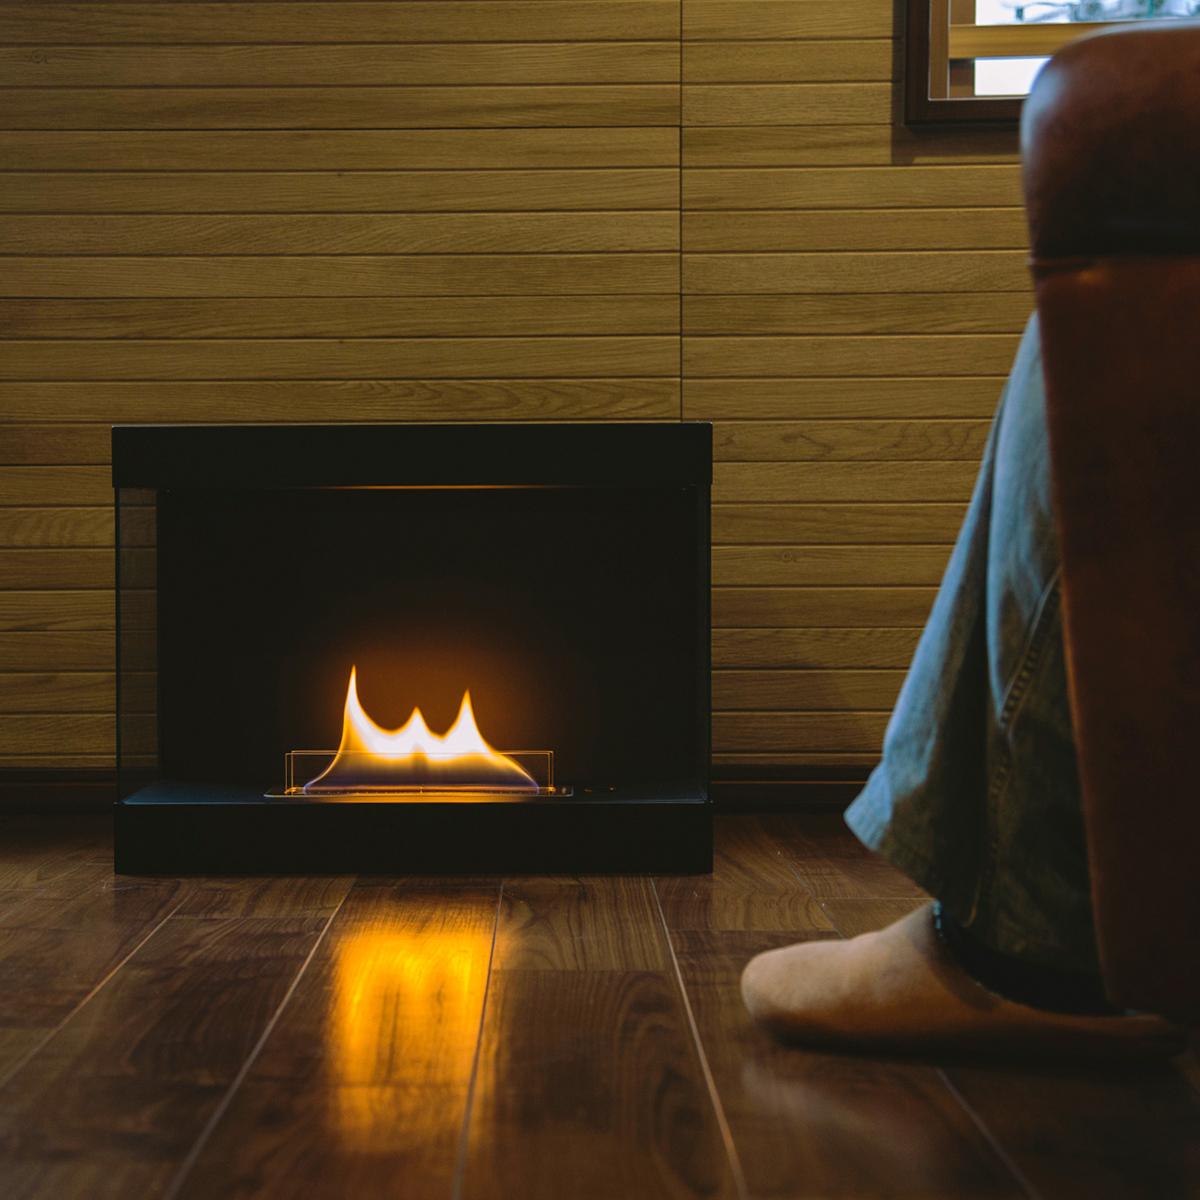 エタノール暖炉をお探しの方にオススメしたいエコで安全な暖炉